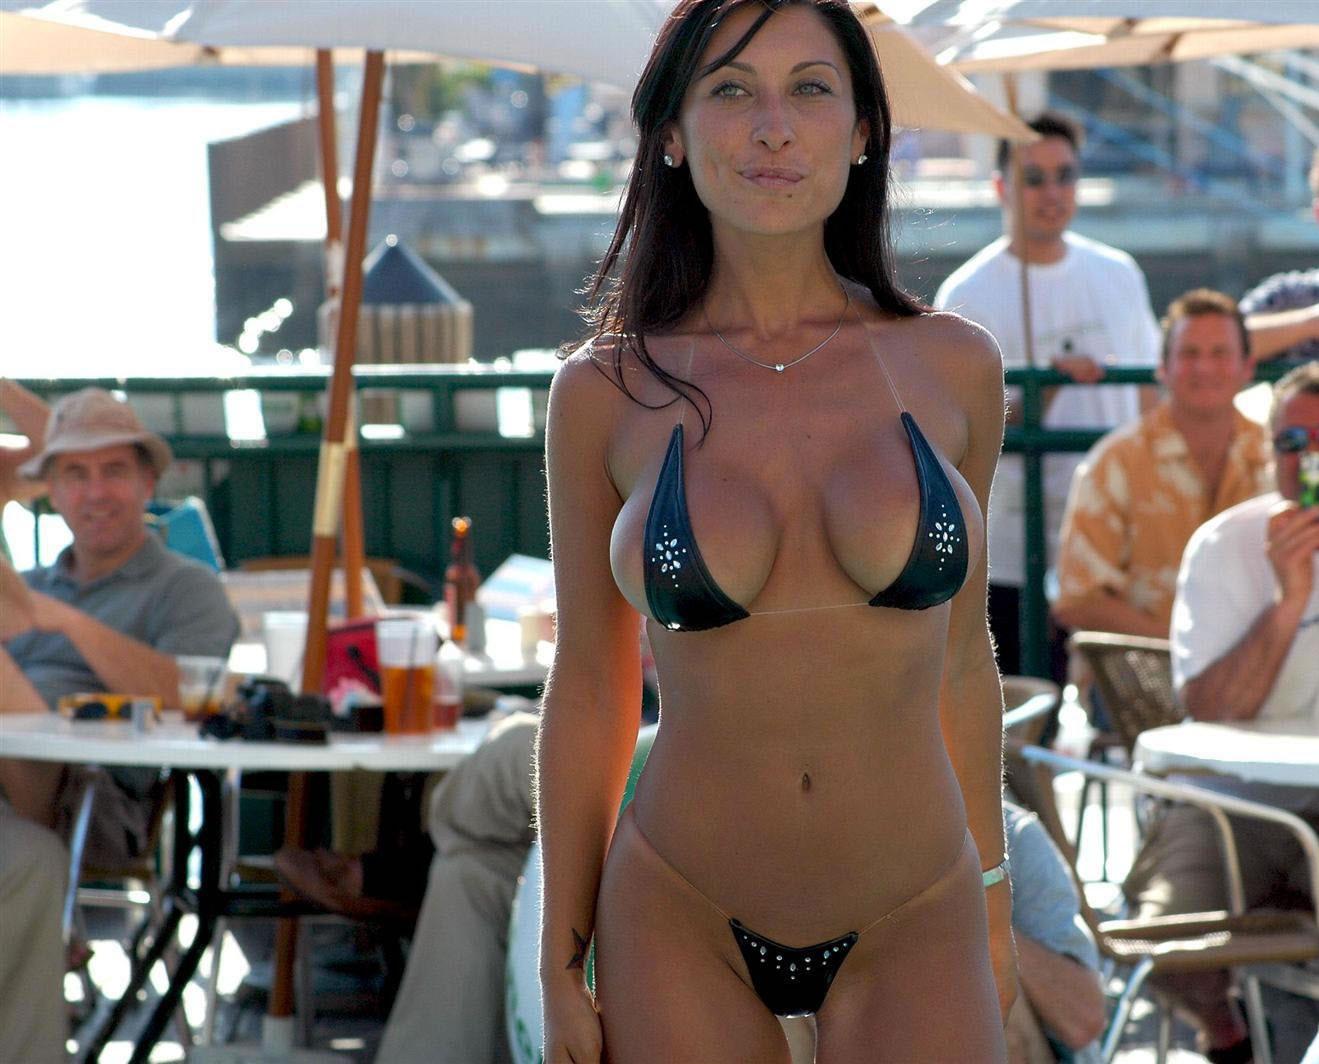 Sexy bikini babe exposing her stunning body